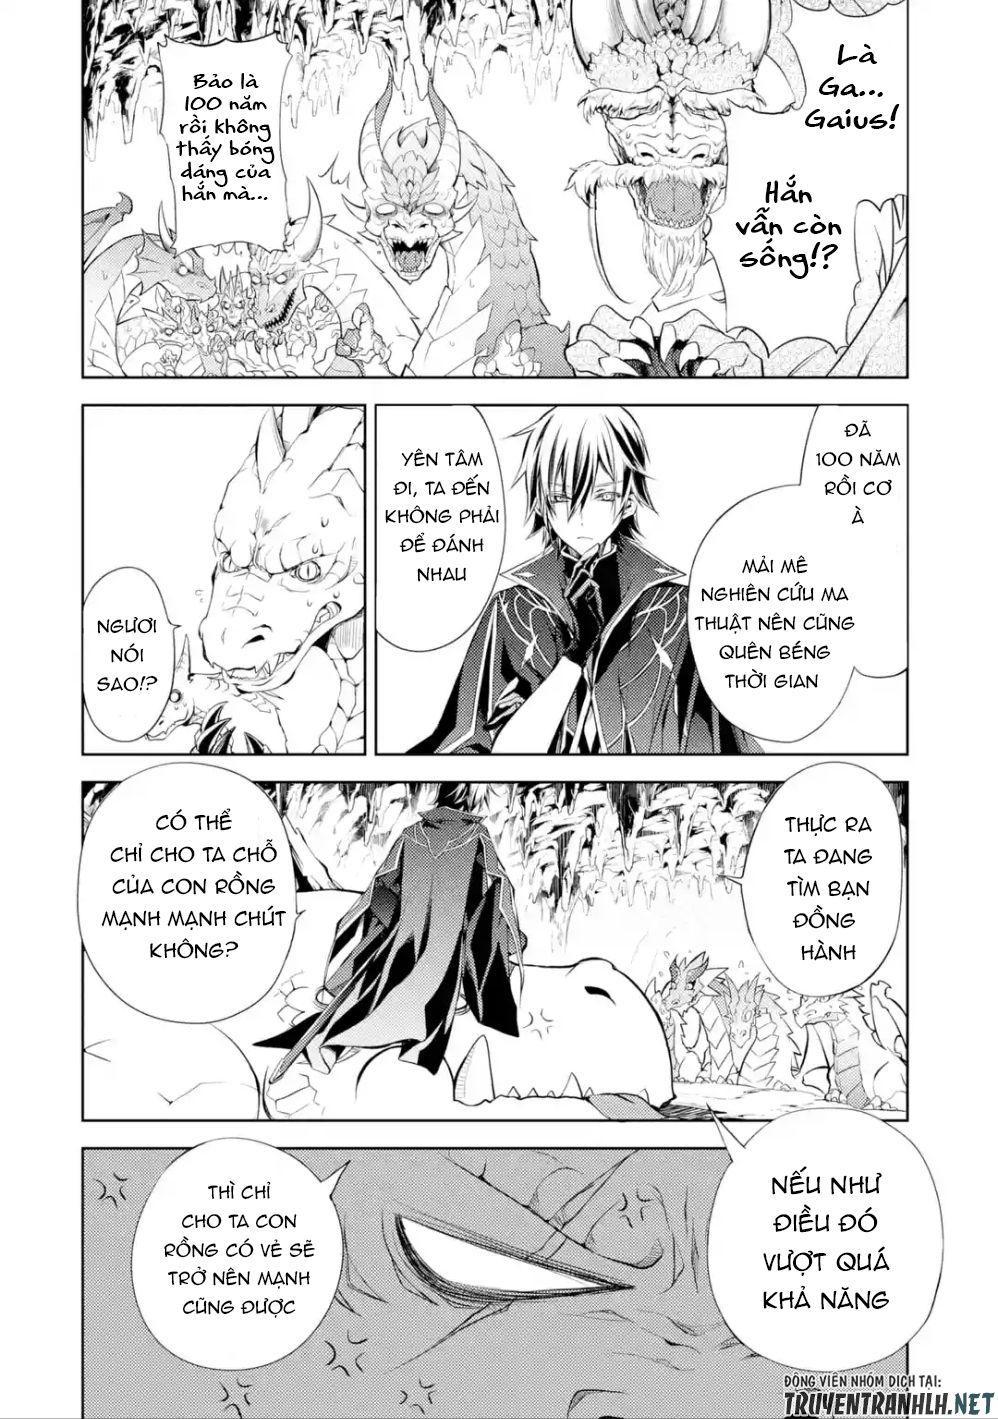 Senmetsumadou no Saikyou Kenja: Musai no Kenja, Madou wo Kiwame Saikyou e Itaru: Chapter 1